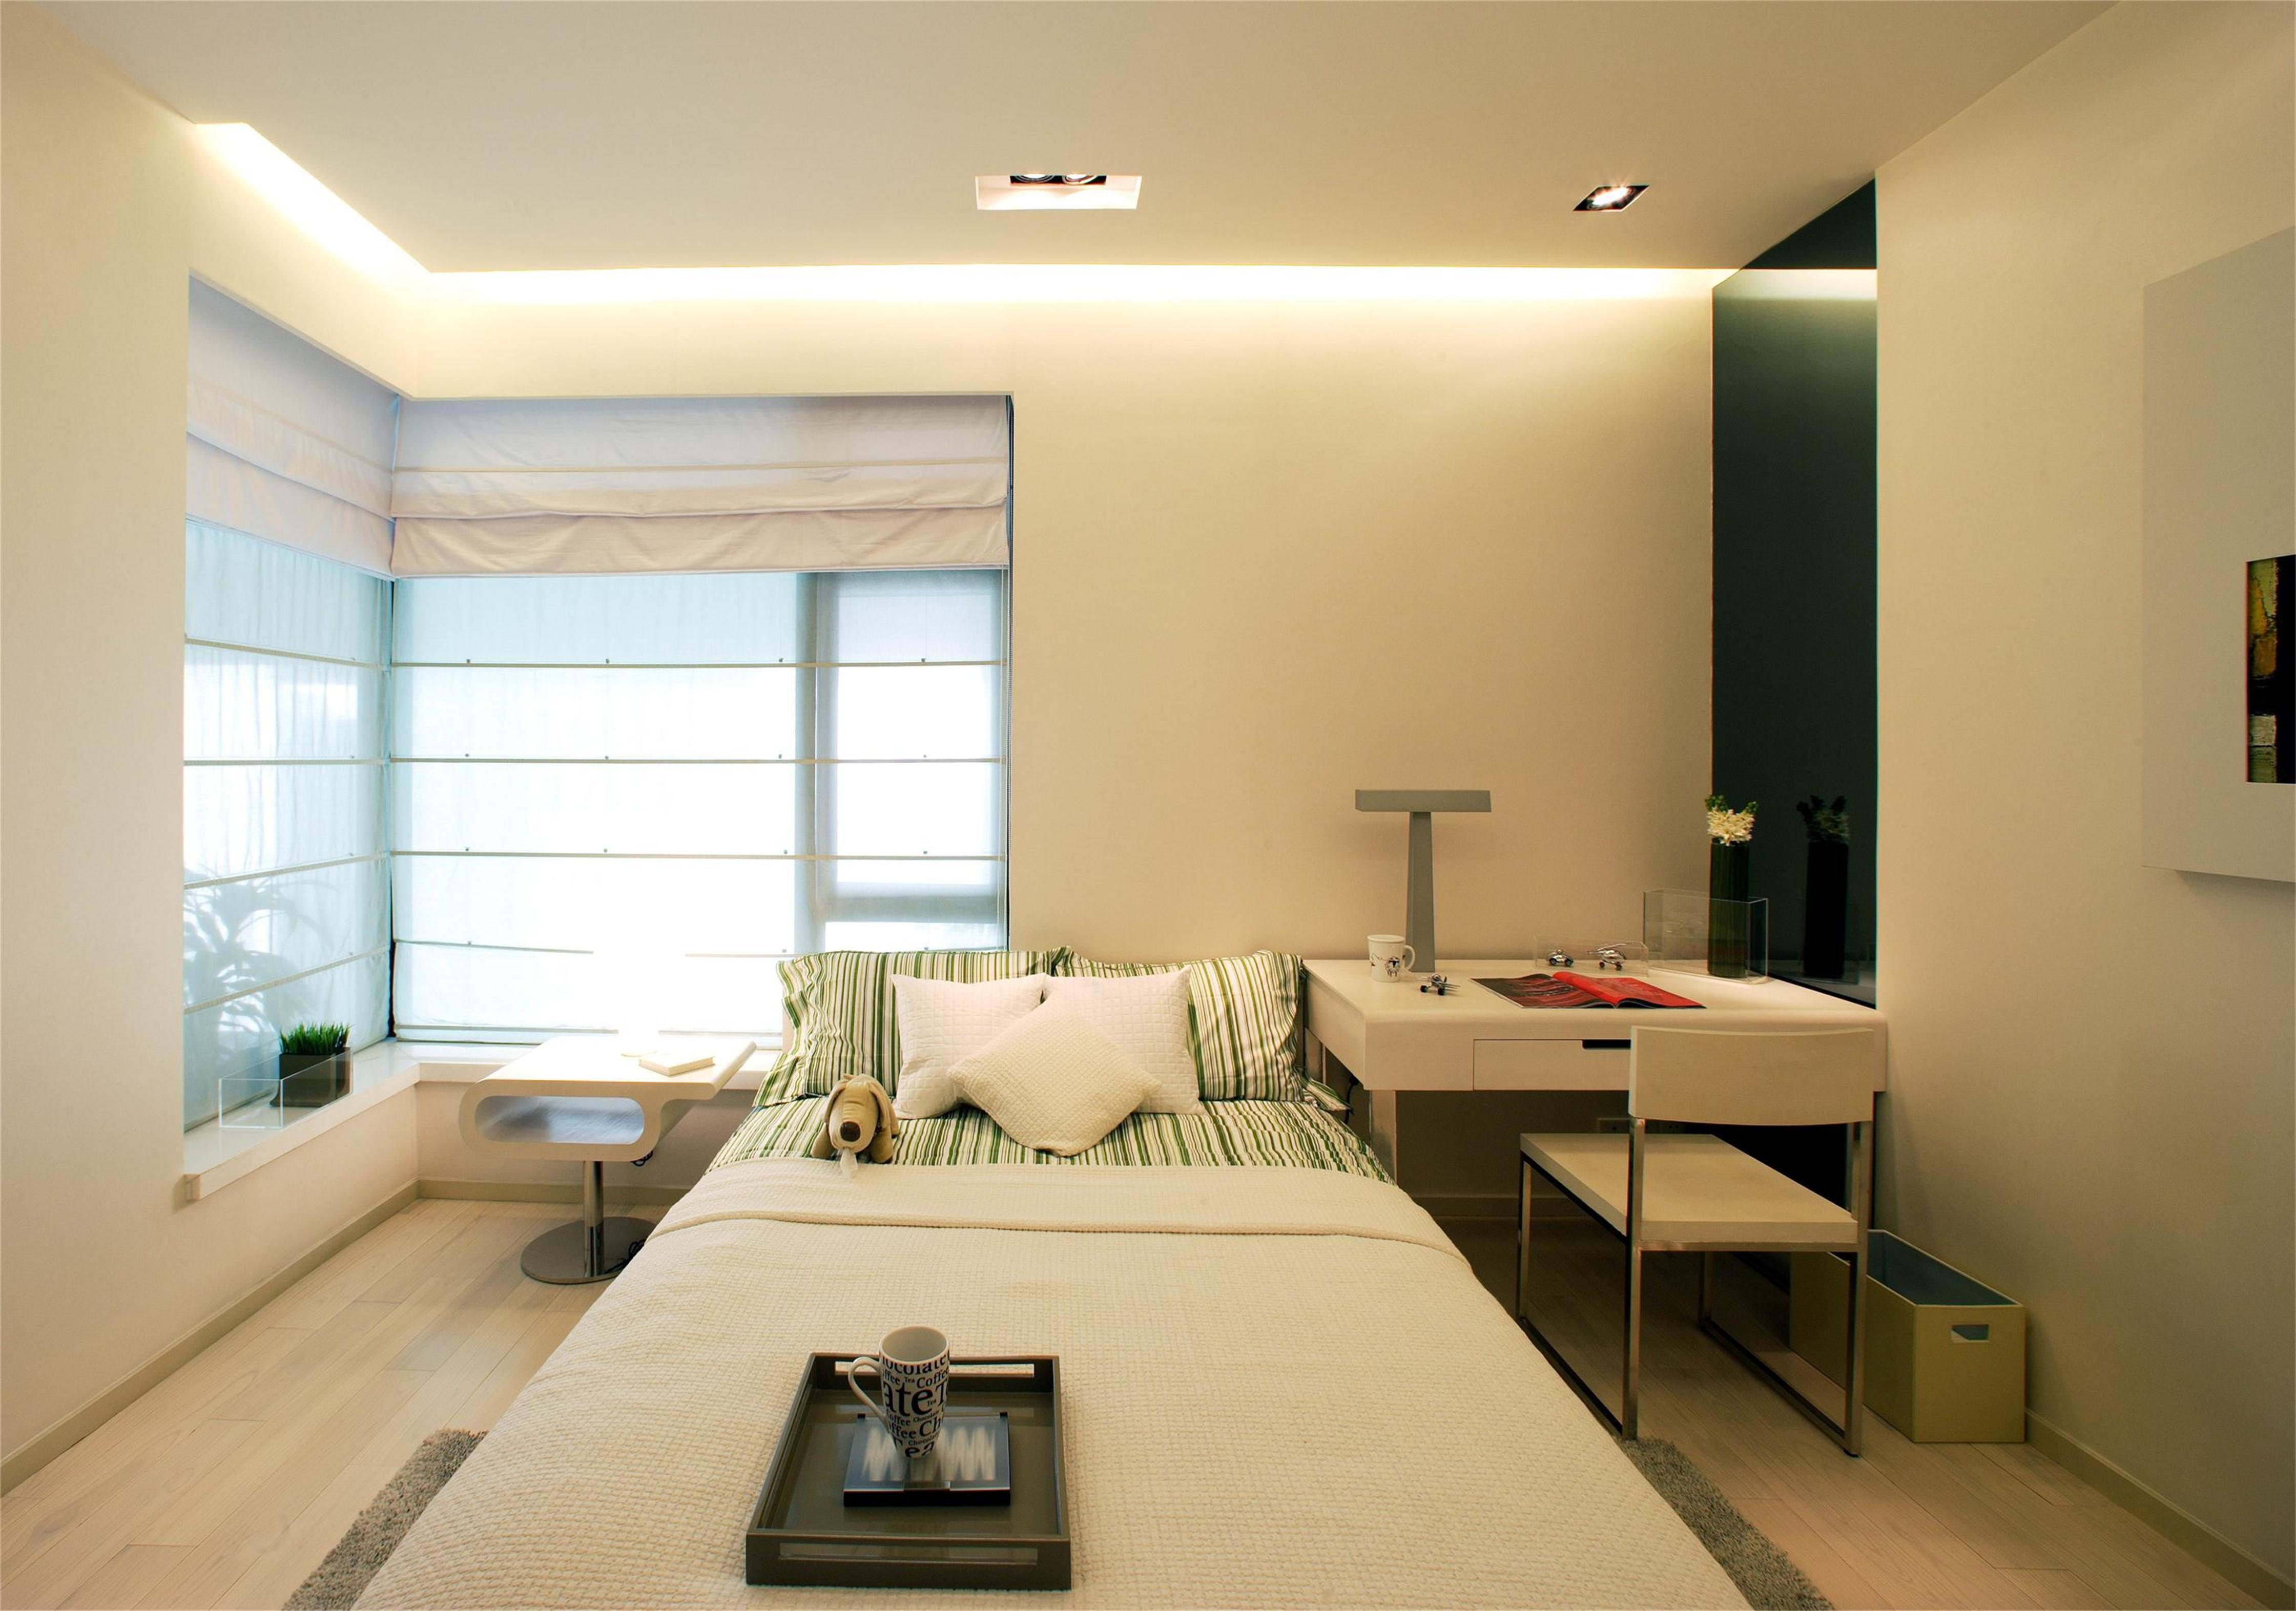 简约现代复式别墅卧室装修效果图